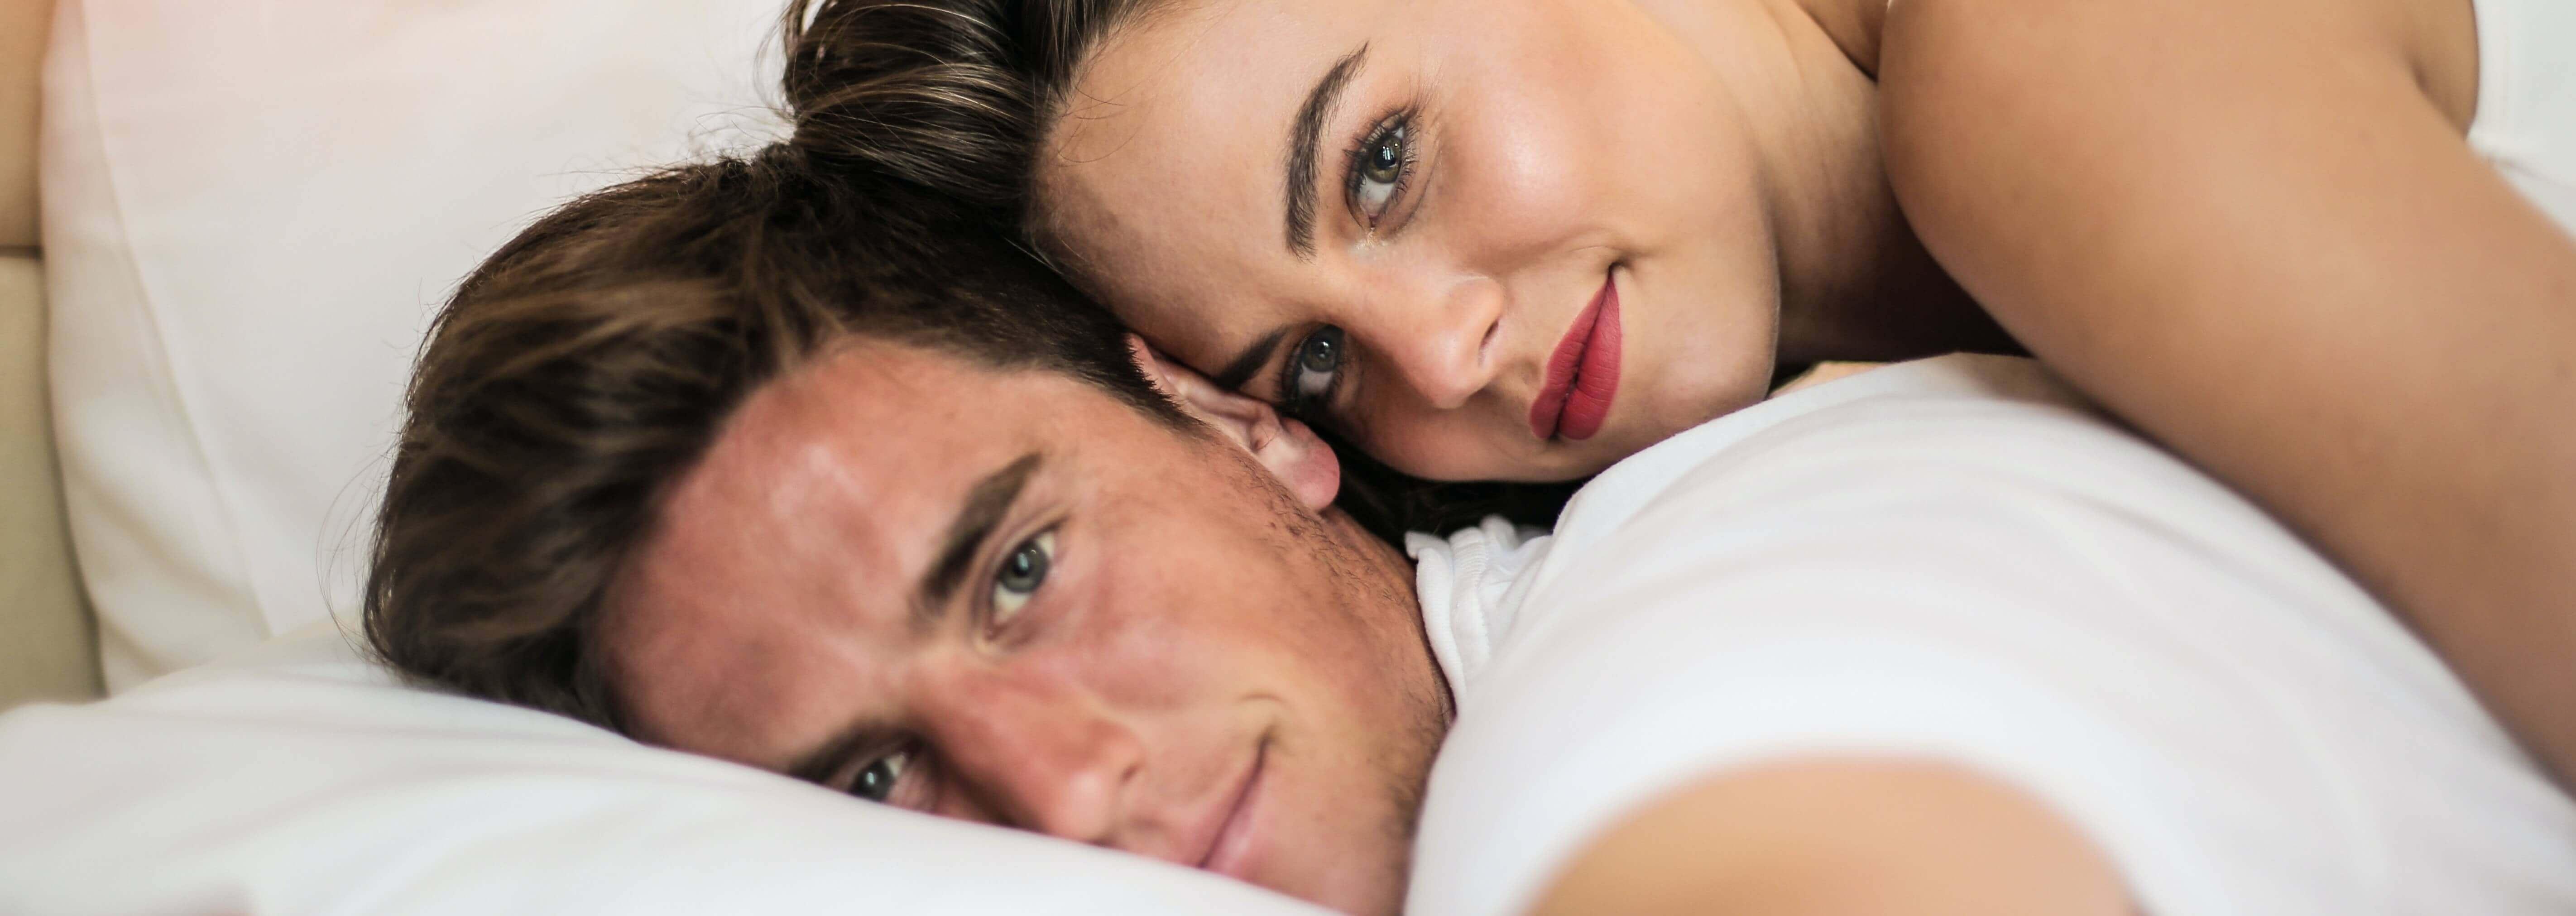 erecție numai la culcare